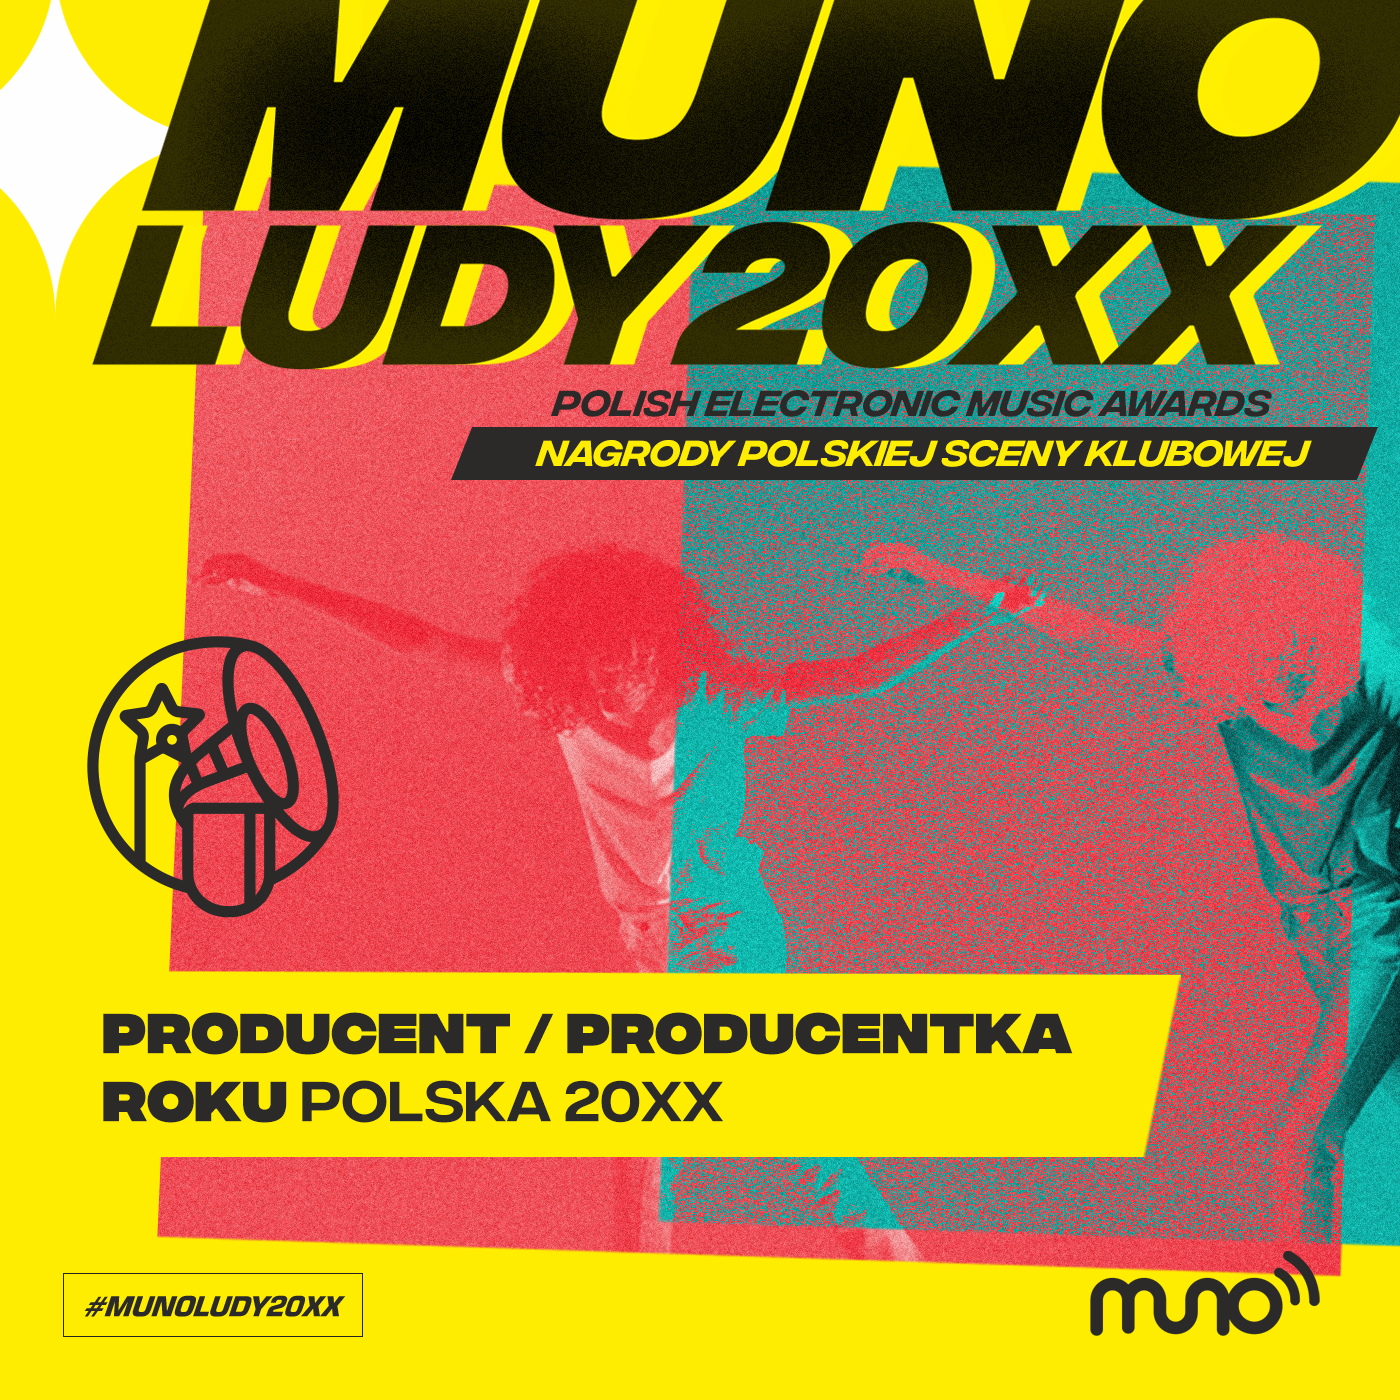 Munoludy 20XX Producent Producentka Roku Polska 20XX